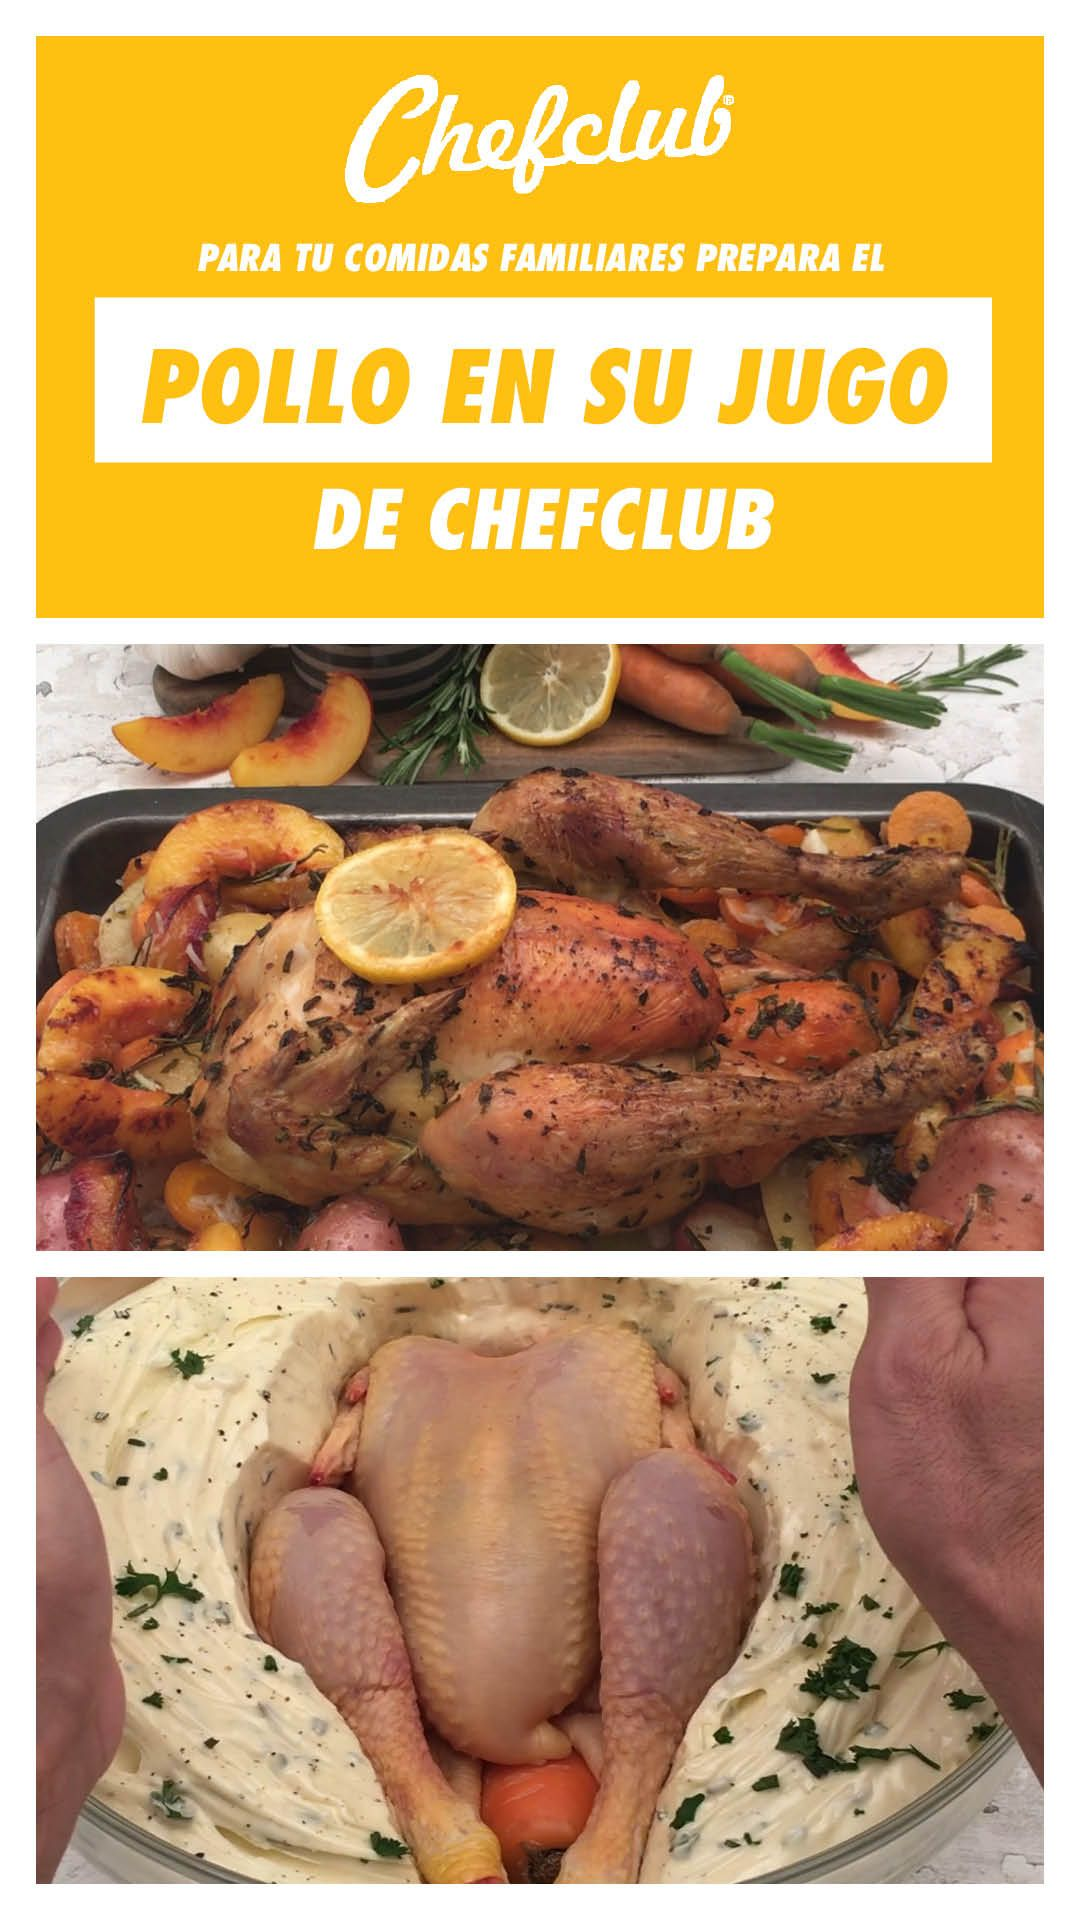 Receta Pollo En Su Jugo En Chefclub Original Receta Pollo Recetas De Comida Fáciles Comida